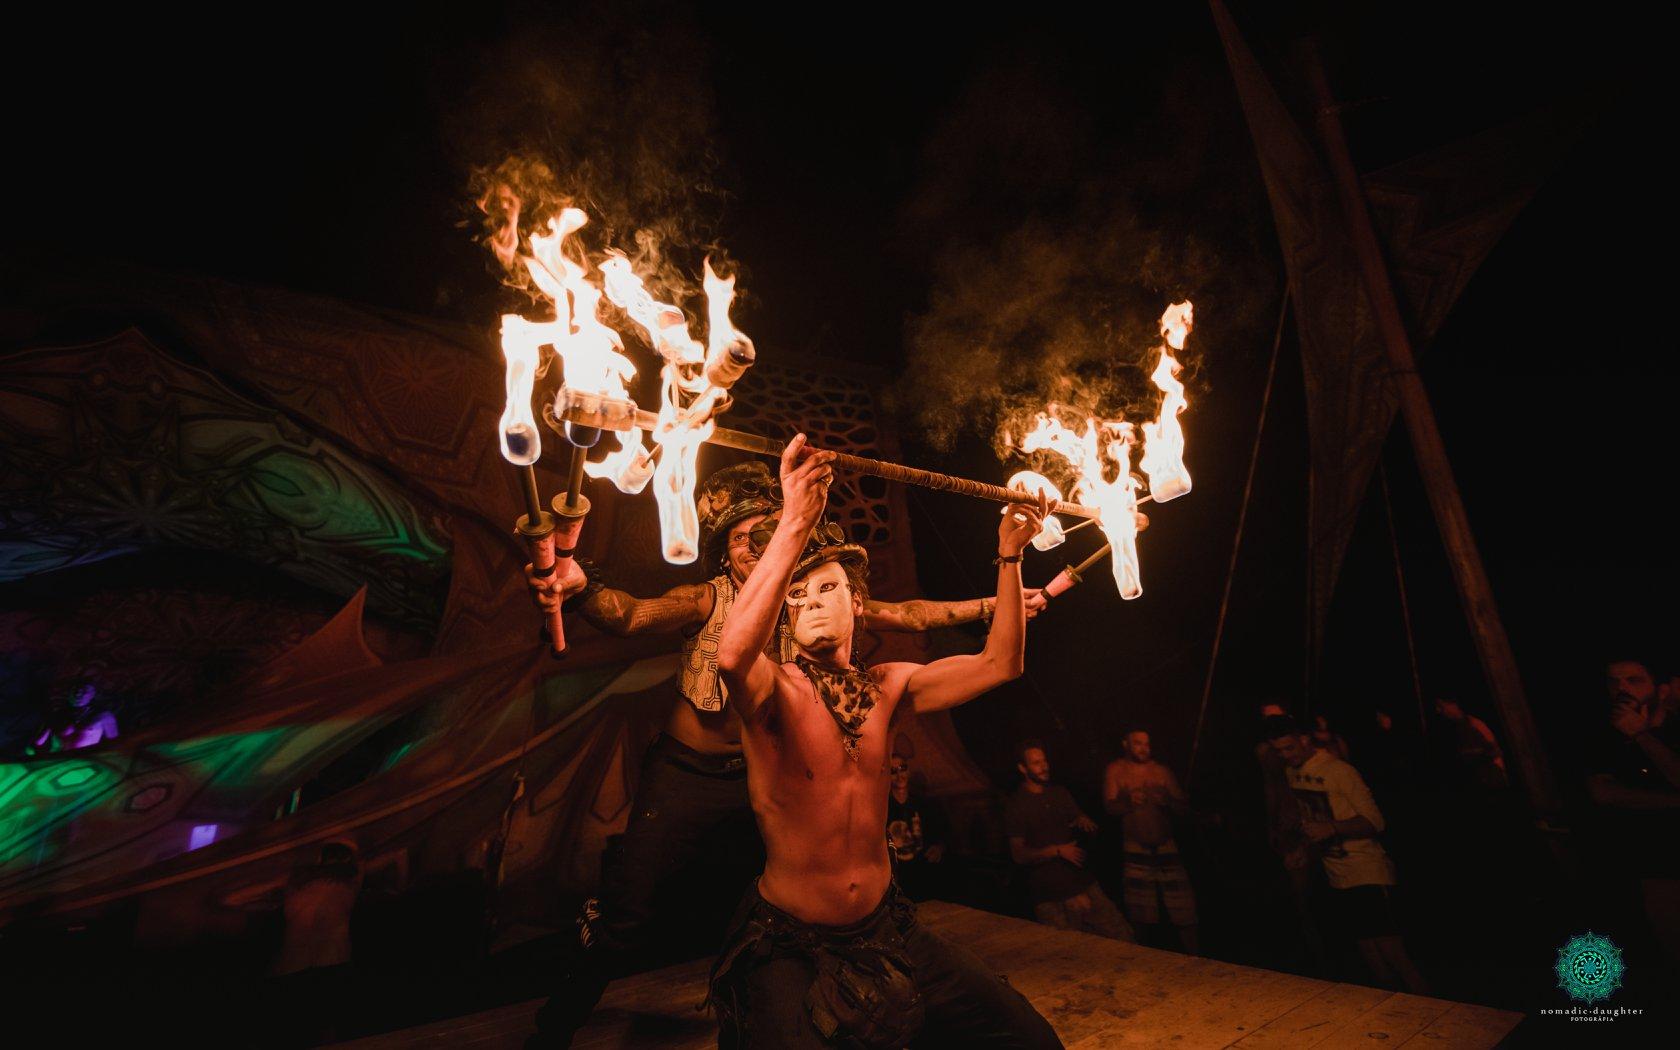 מופע אש בפסטיבל free earth ביוון